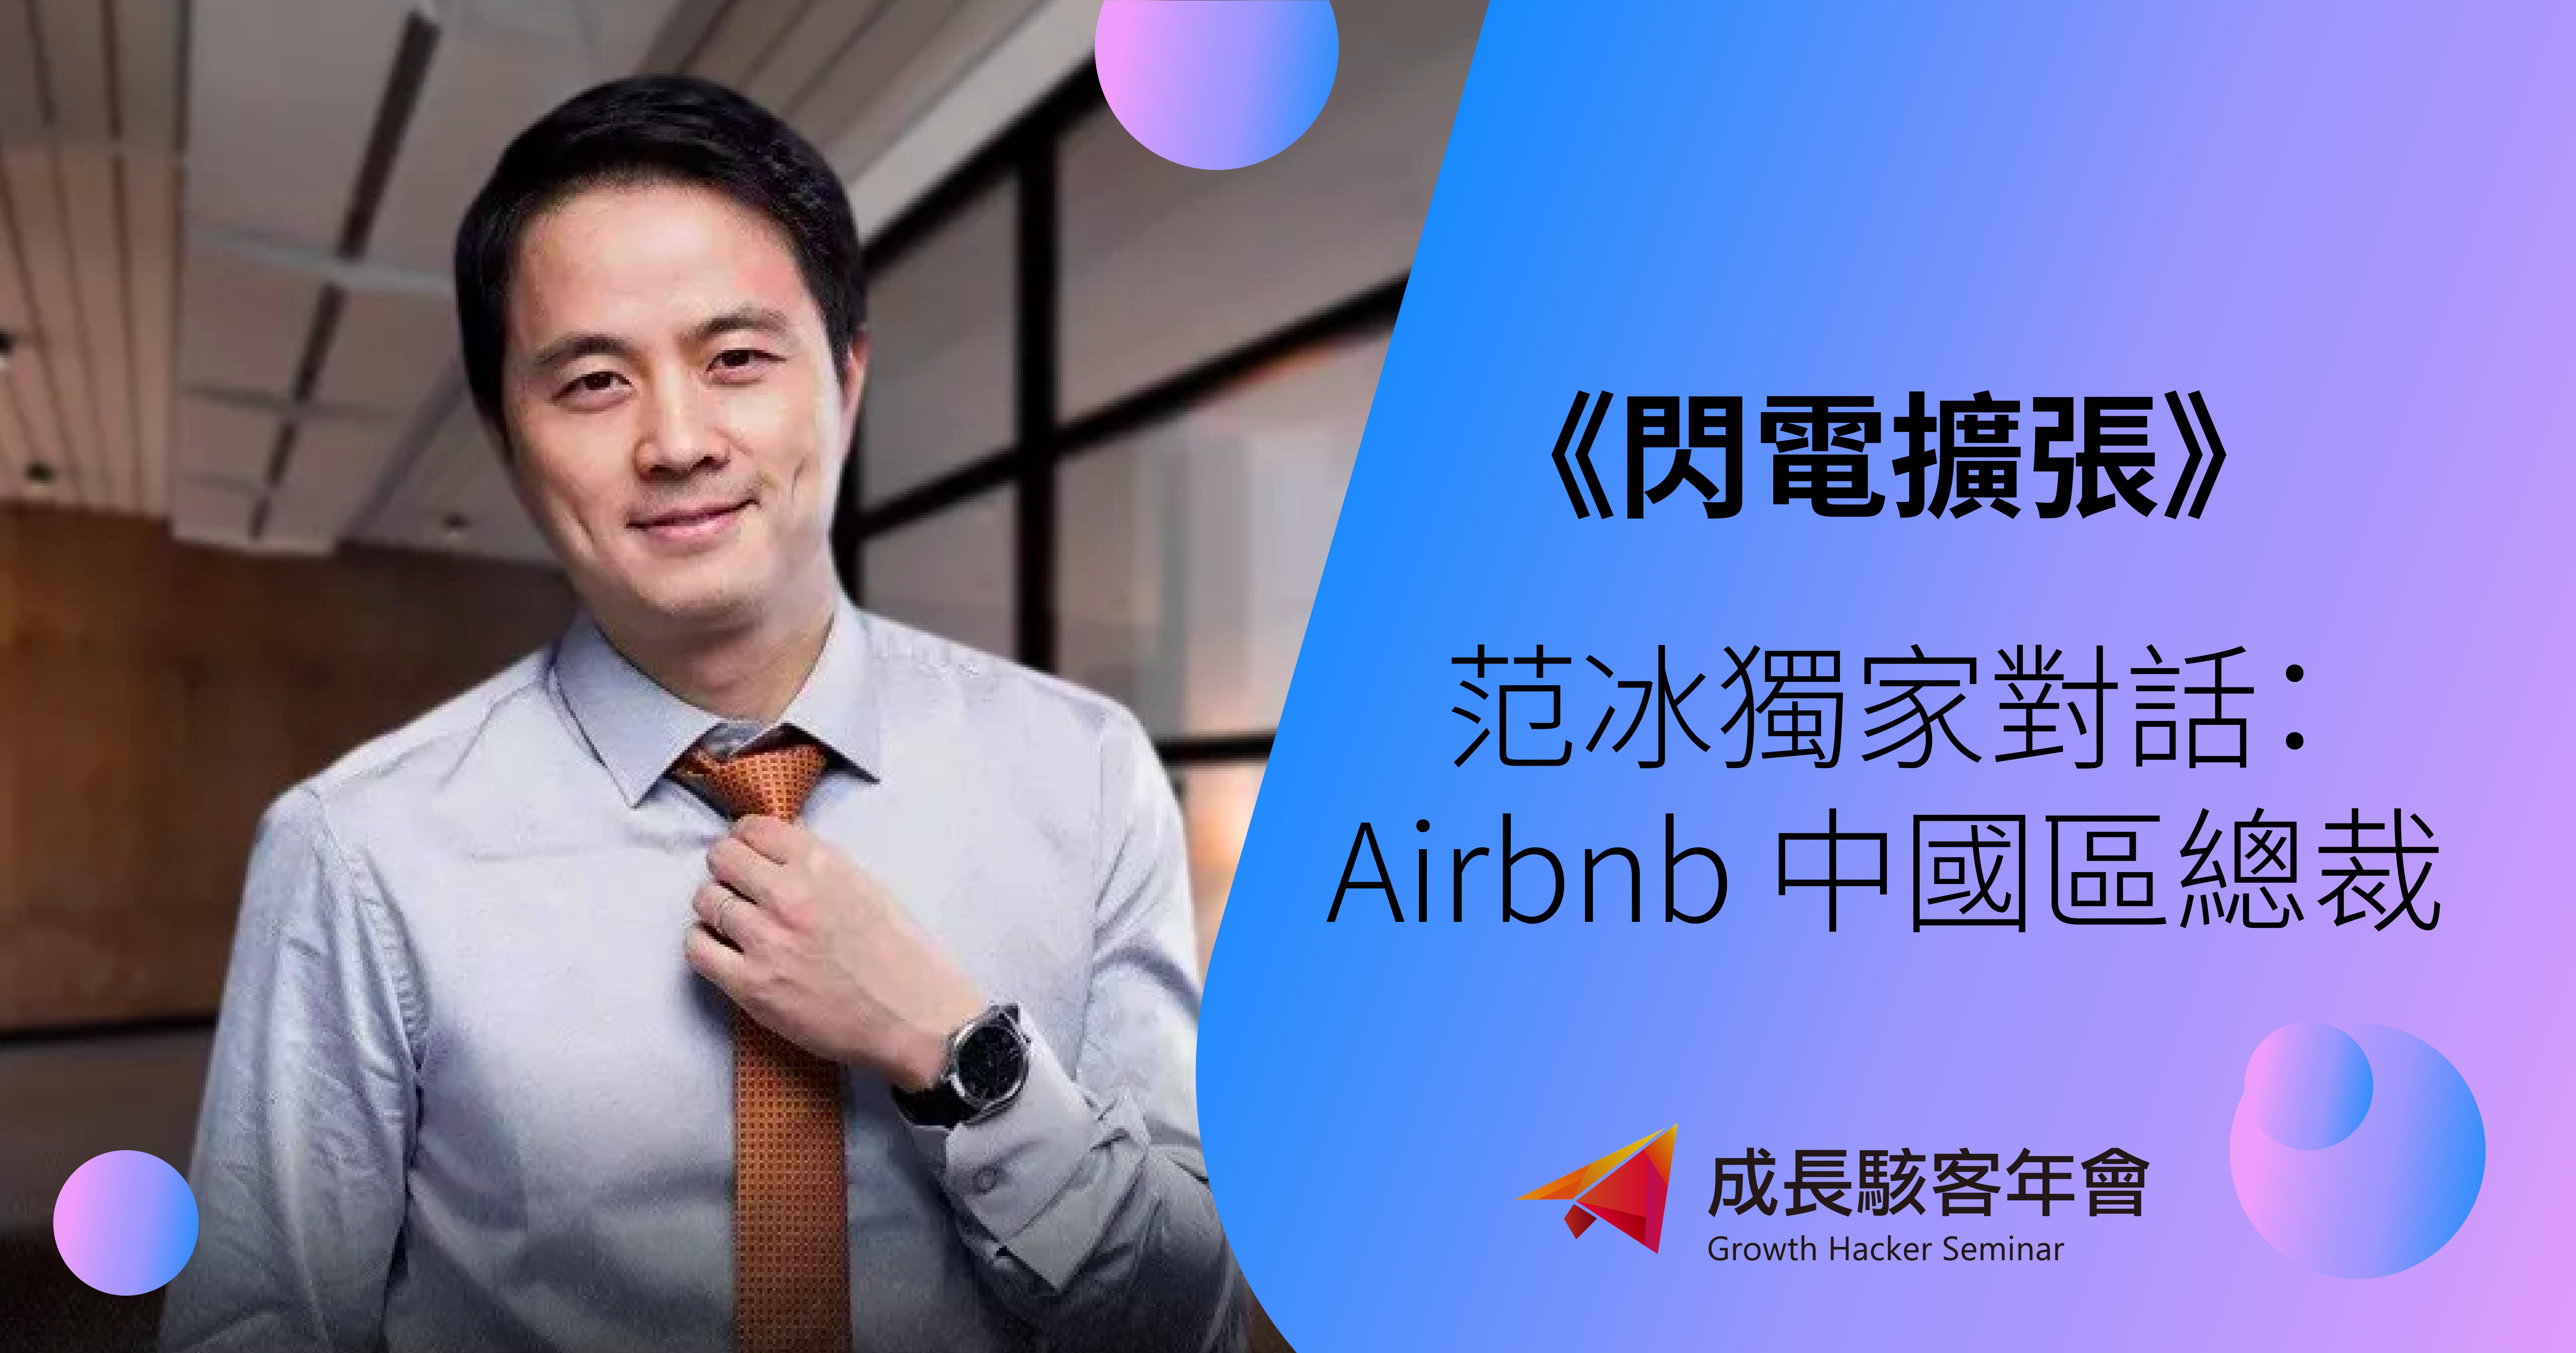 范冰獨家對話 Airbnb 中國區總裁彭韜:中國市場是一個不同的操作系統